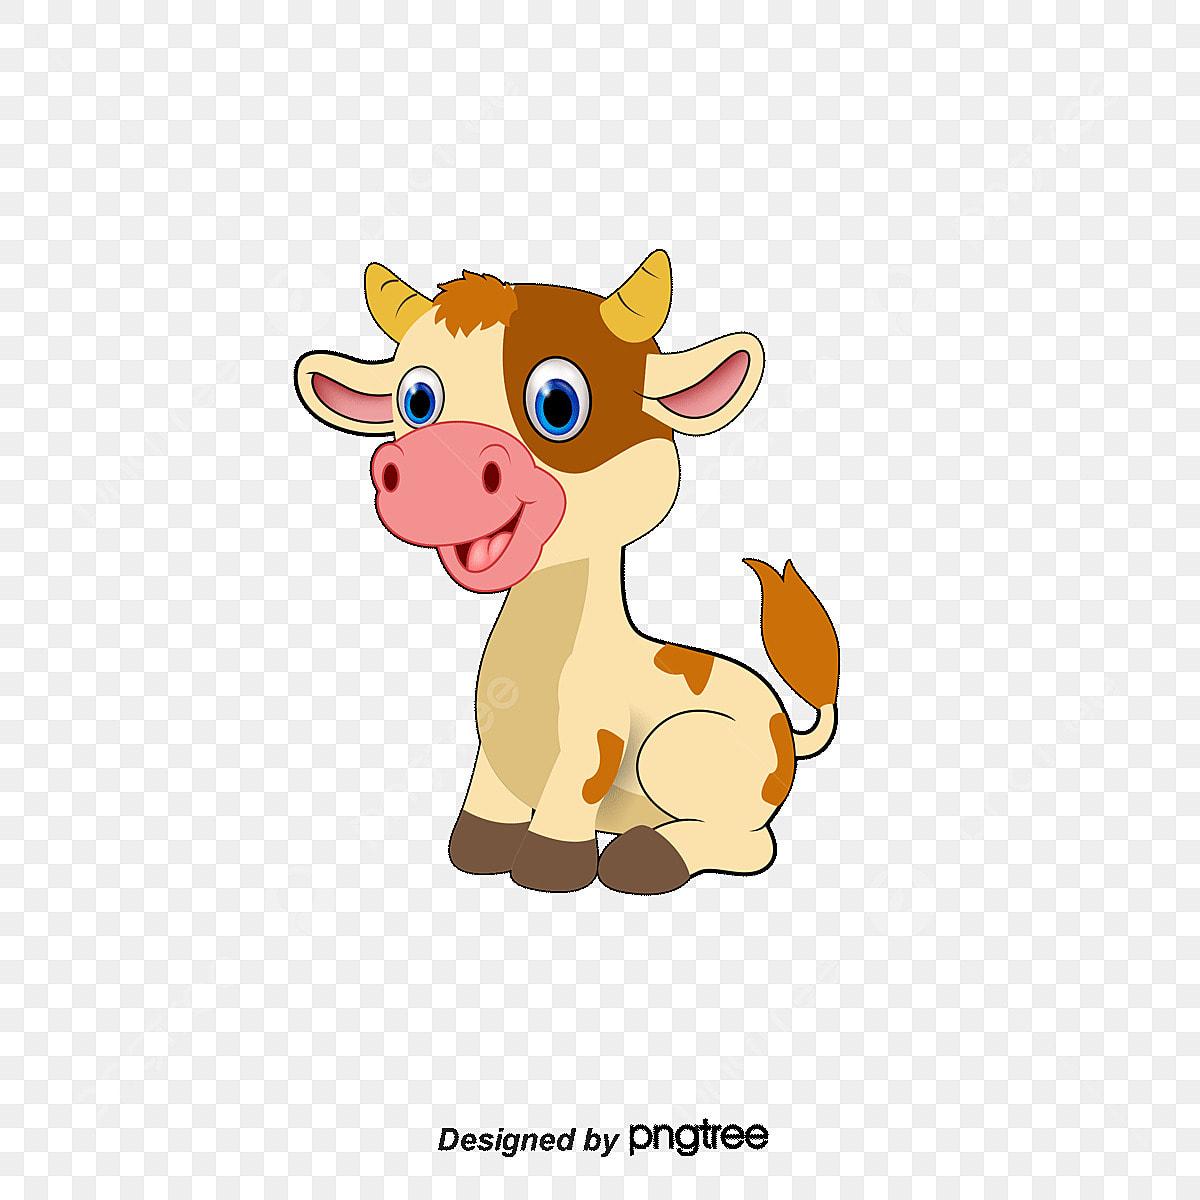 le vecteur de bovins bovins graphique vectoriel animal png et vecteur pour t u00e9l u00e9chargement gratuit